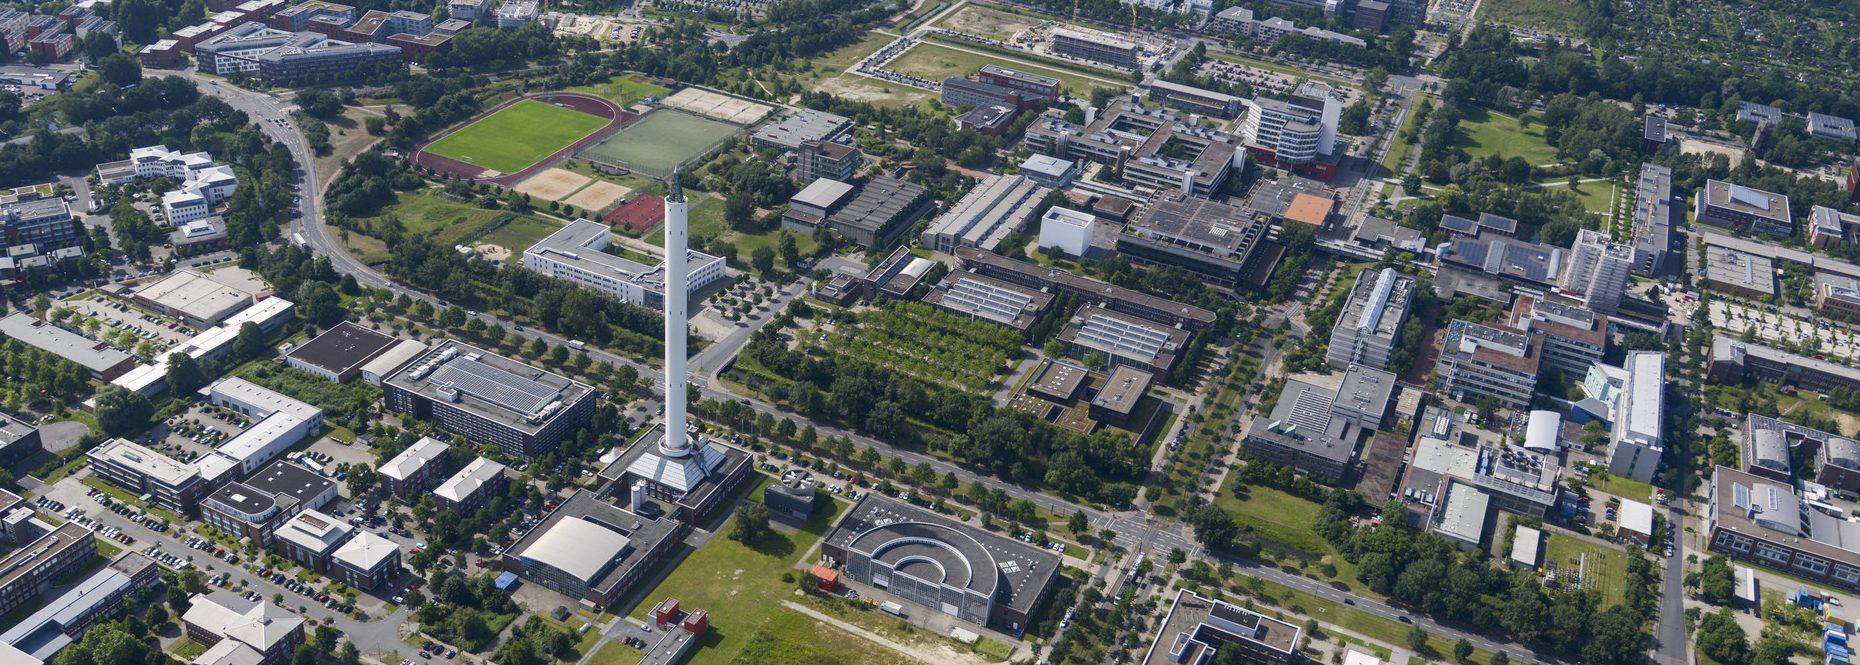 Luftaufnahme vom Technologiepark an der Uni